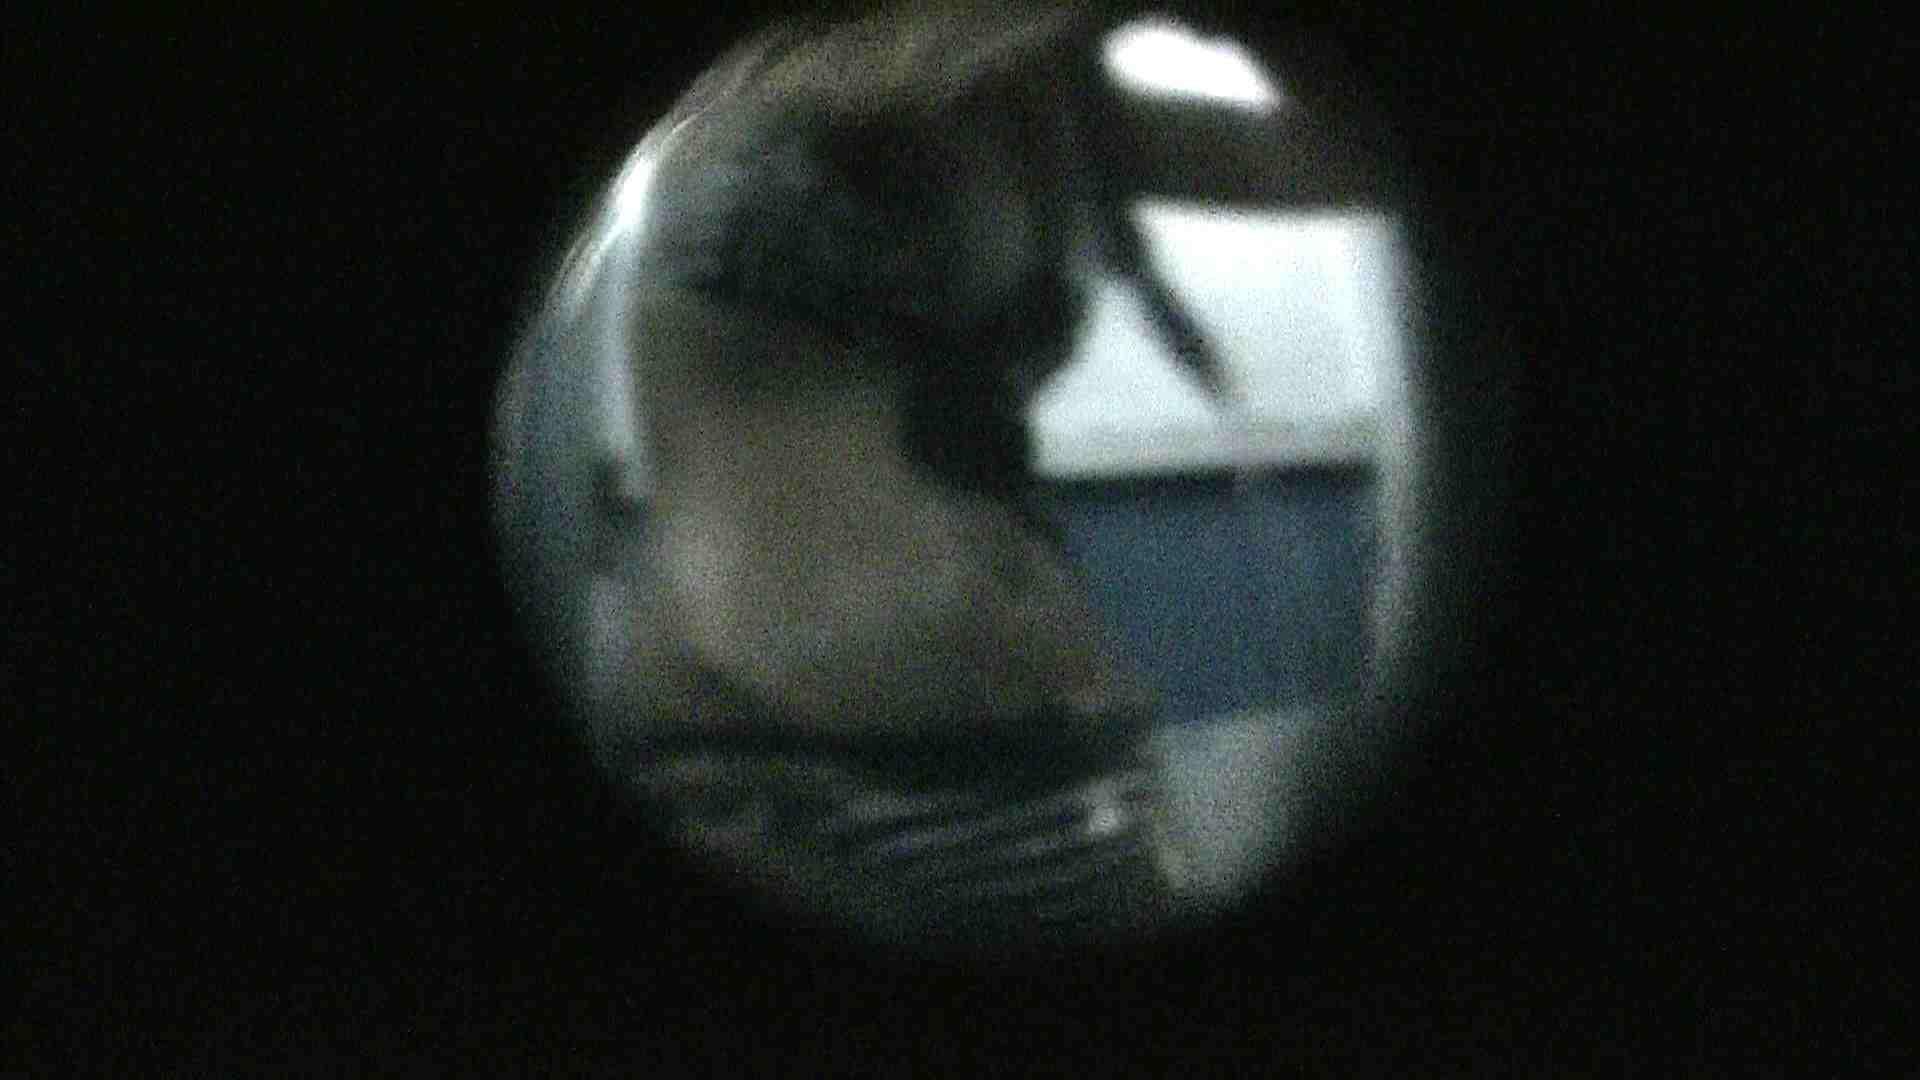 NO.13 暗いですが豪快な砂落としが好印象 シャワー室 セックス画像 107連発 29